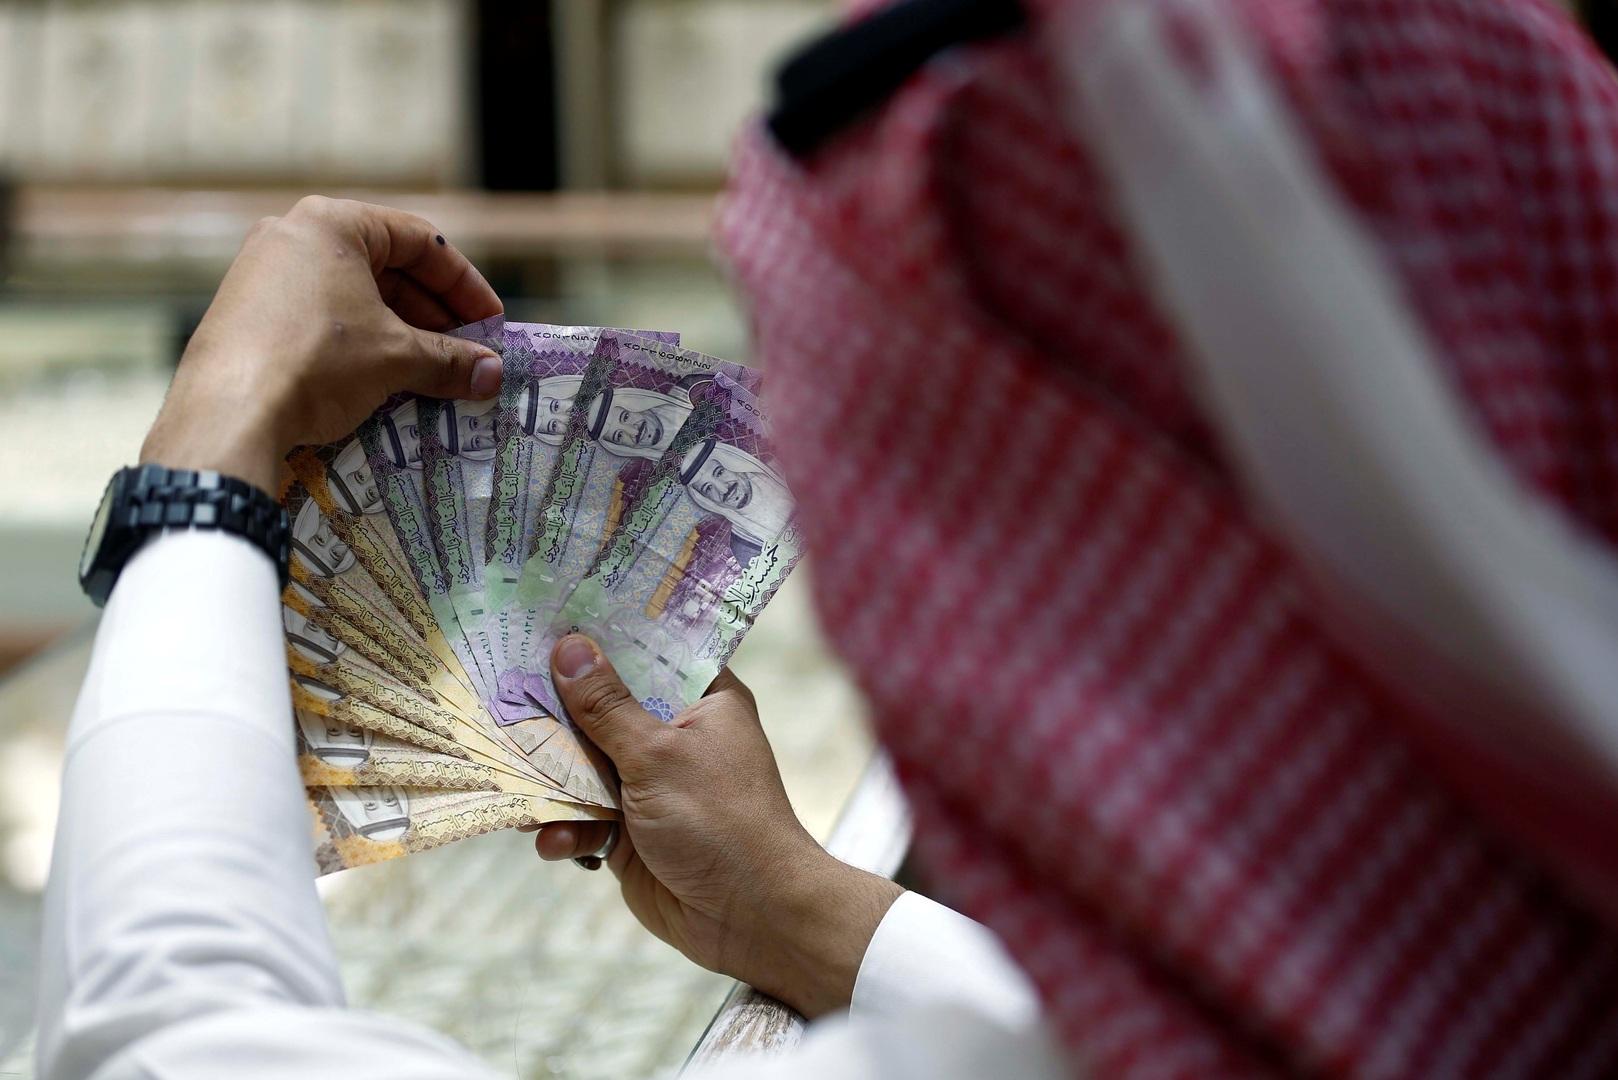 تقرير: القطاع الخاص غير النفطي بالسعودية يسجل انجازات هي الأكبر منذ أغسطس 2015